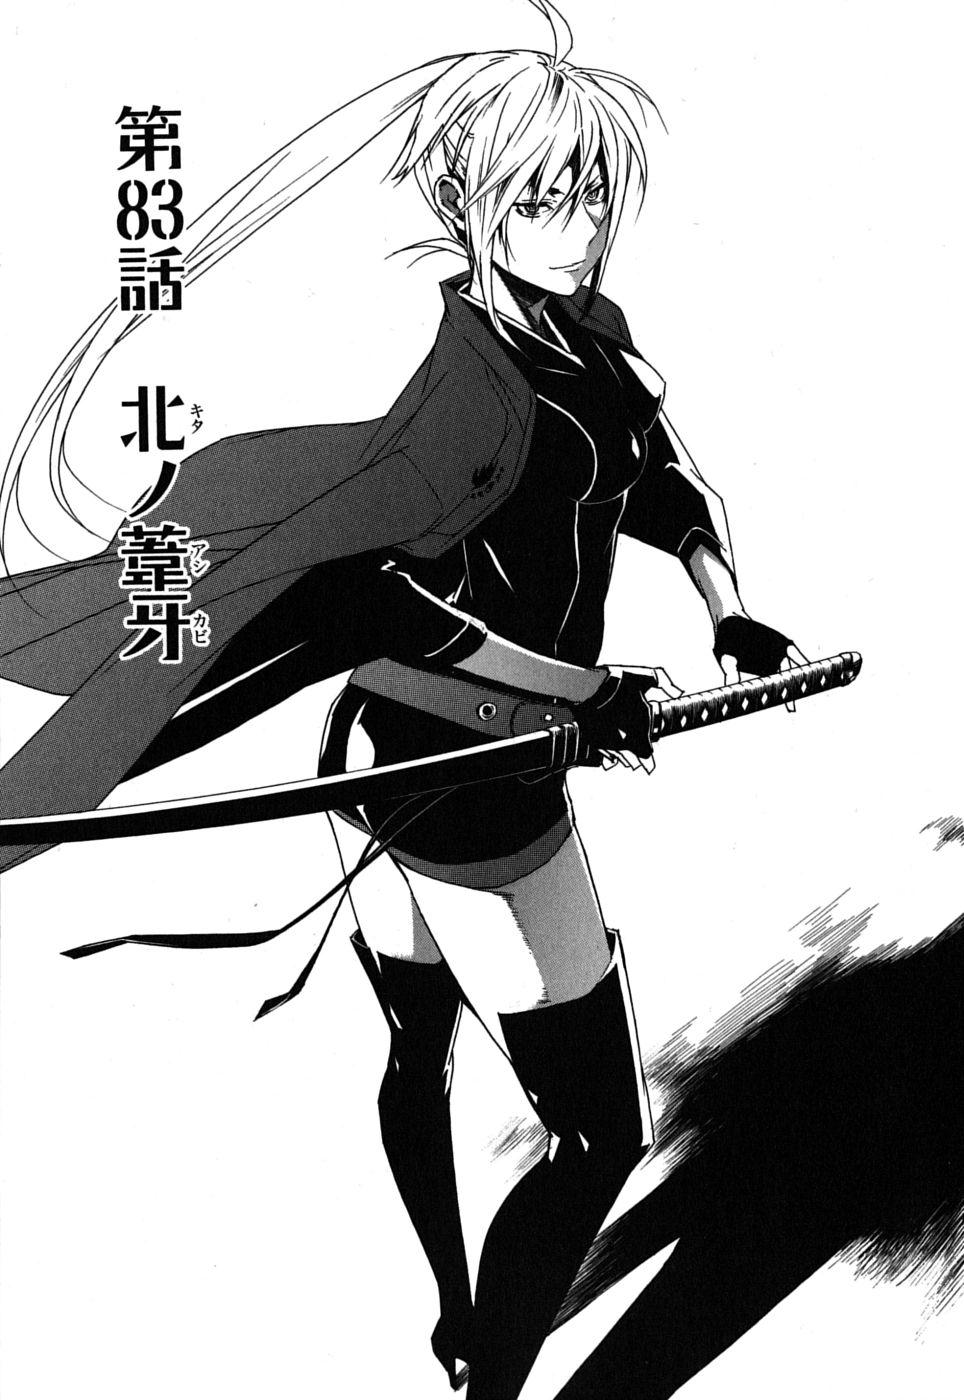 Sekirei manga chapter 083.jpg